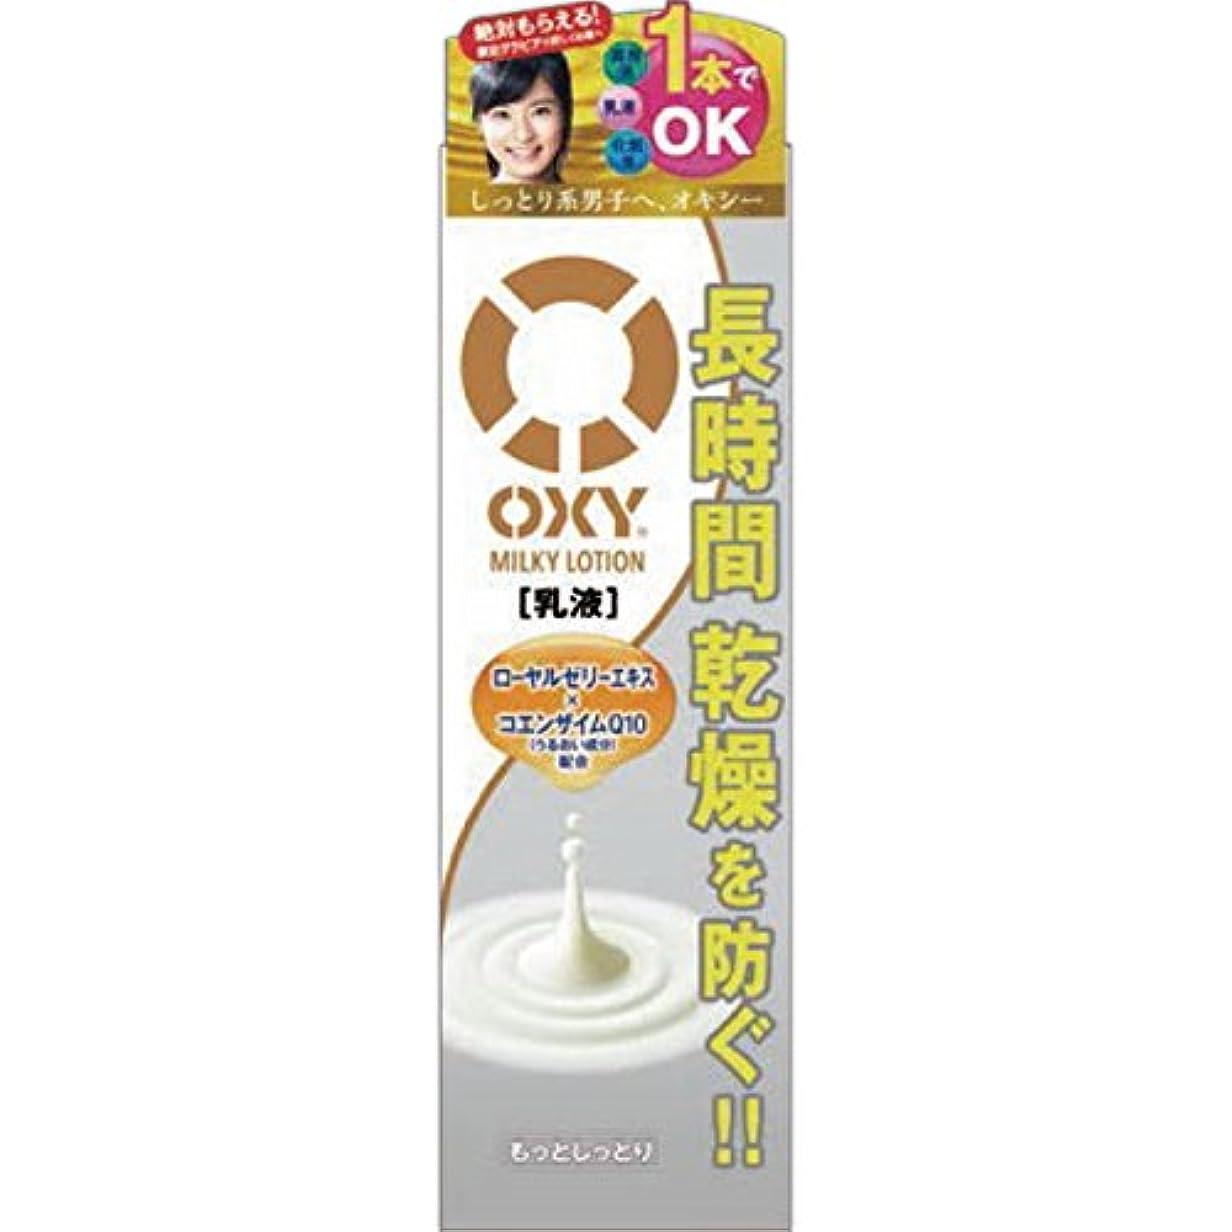 助けて収縮暴君オキシー (Oxy) ミルキーローション オールインワン乳液 スーパーヒアルロン酸×ローヤルゼリー配合 ゼラニウムの香 170mL